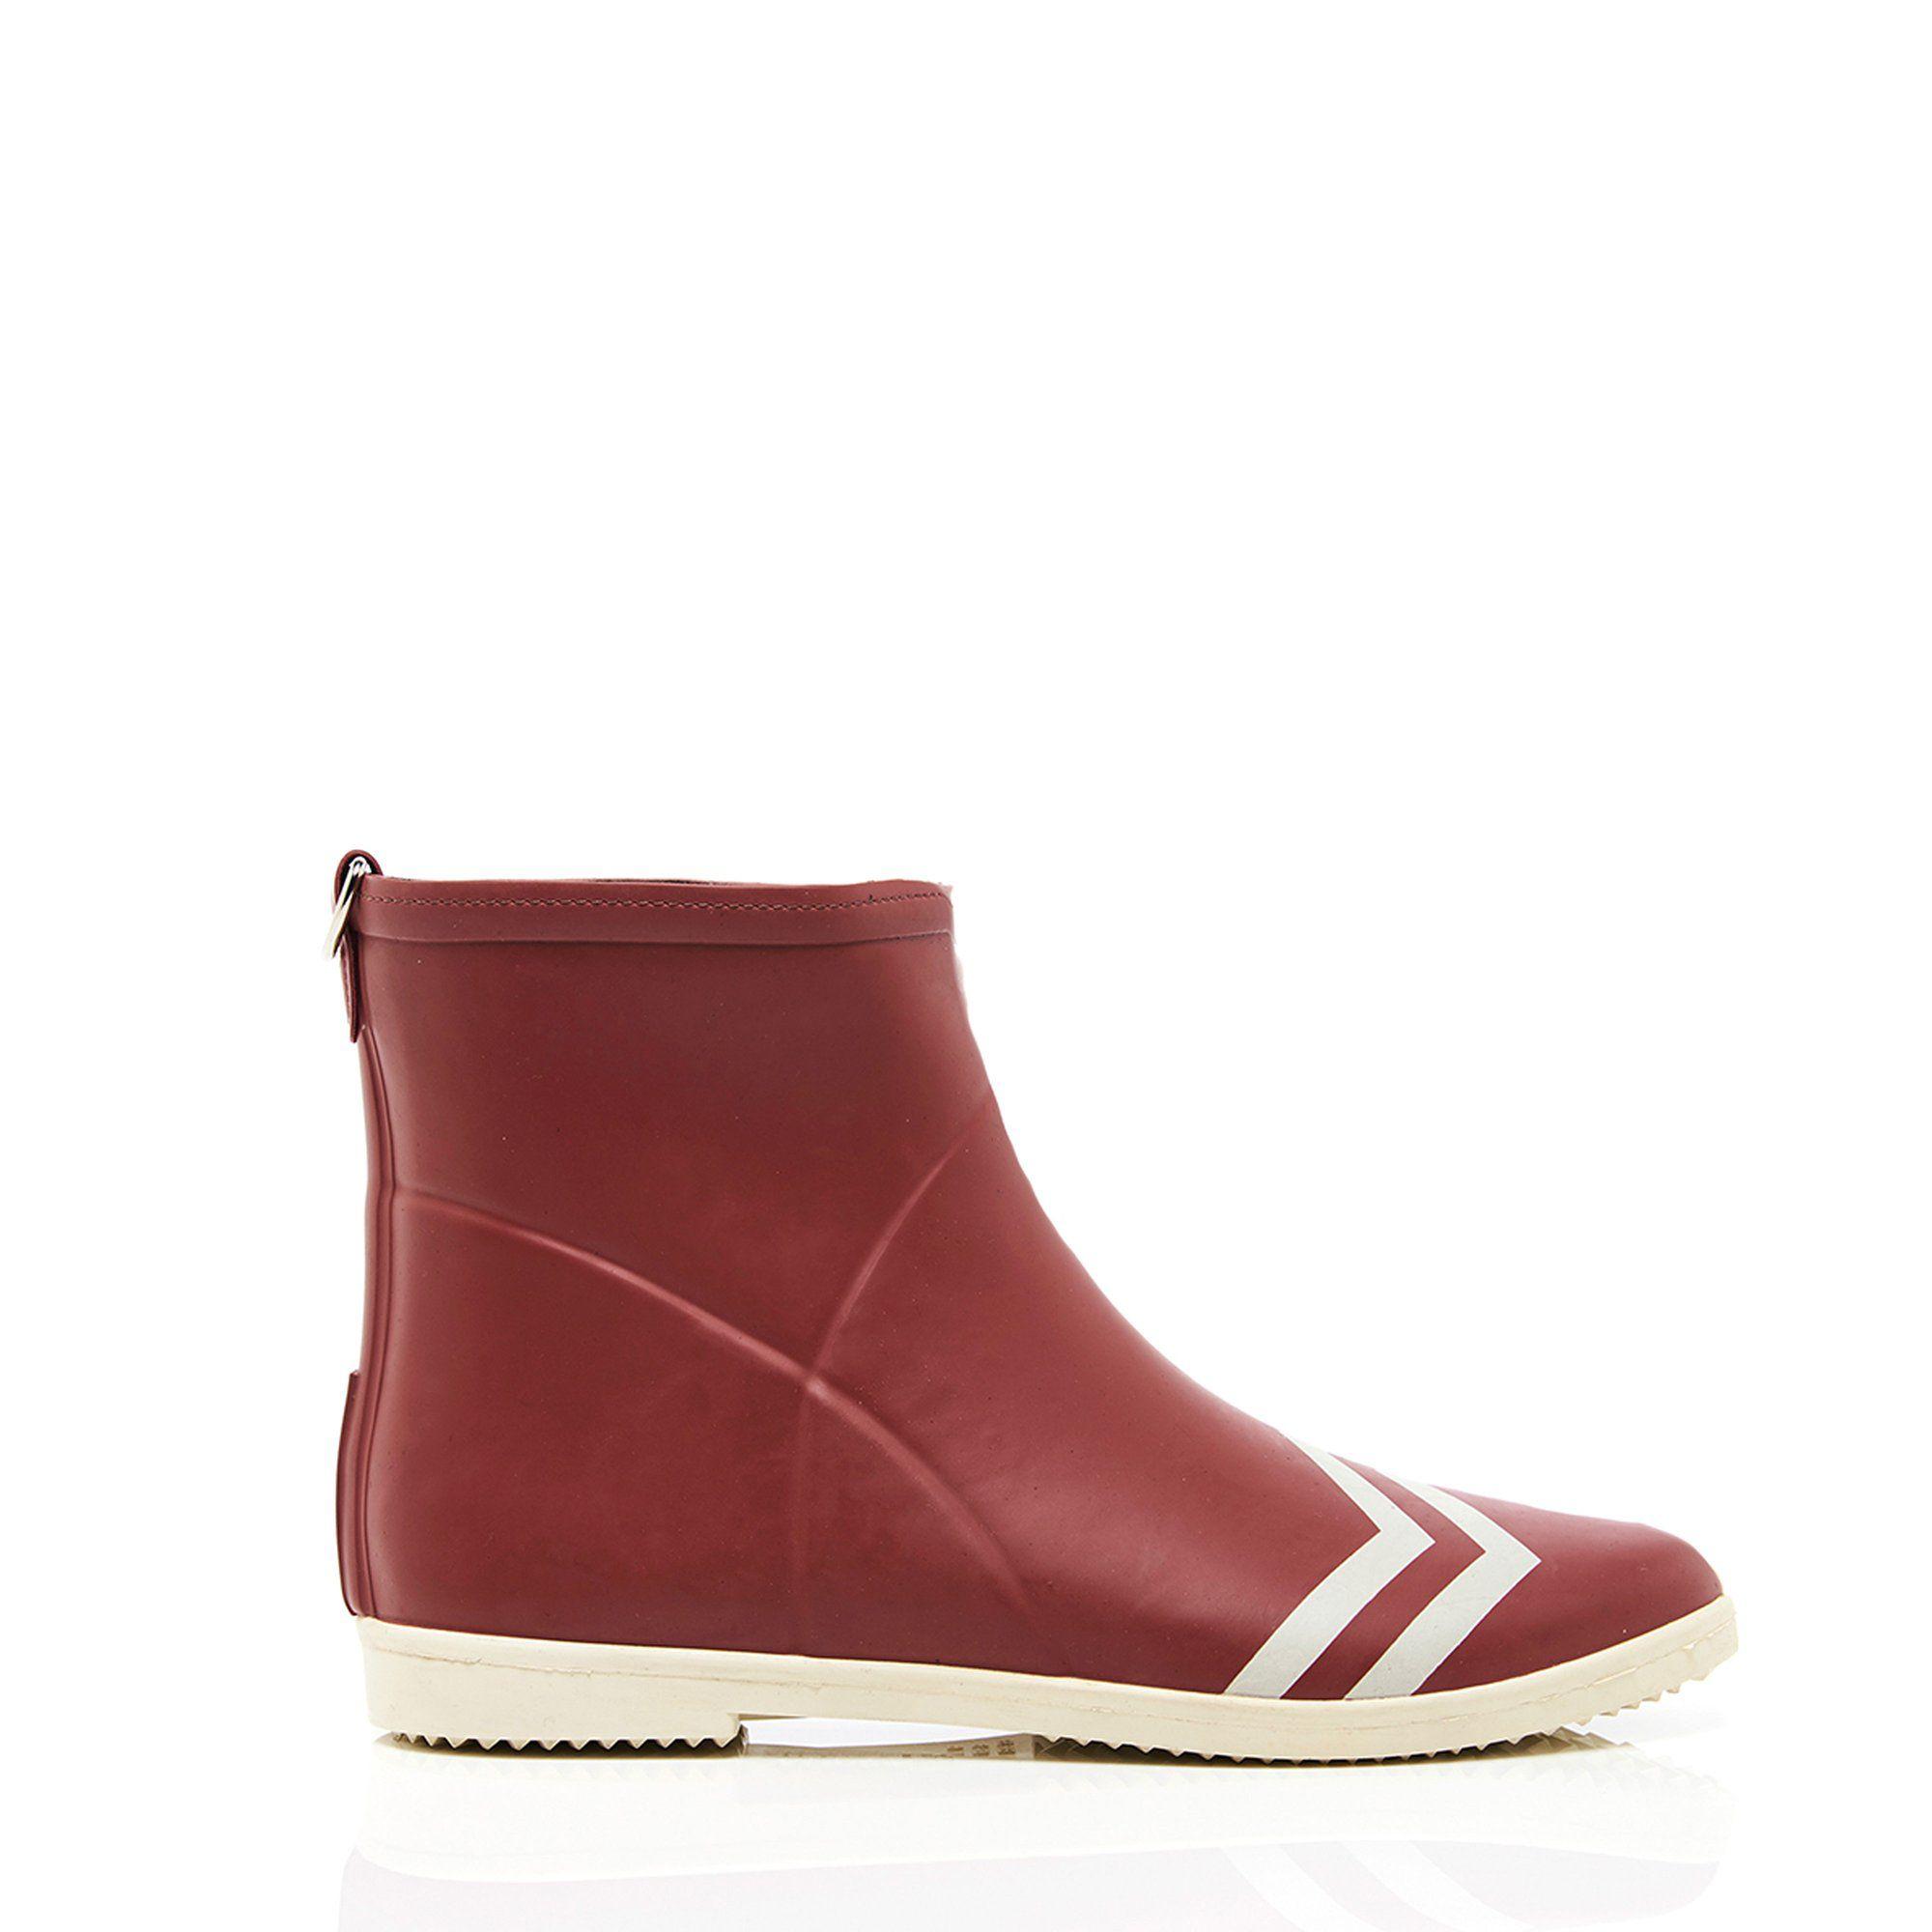 Alice + Whittles Rain Boots